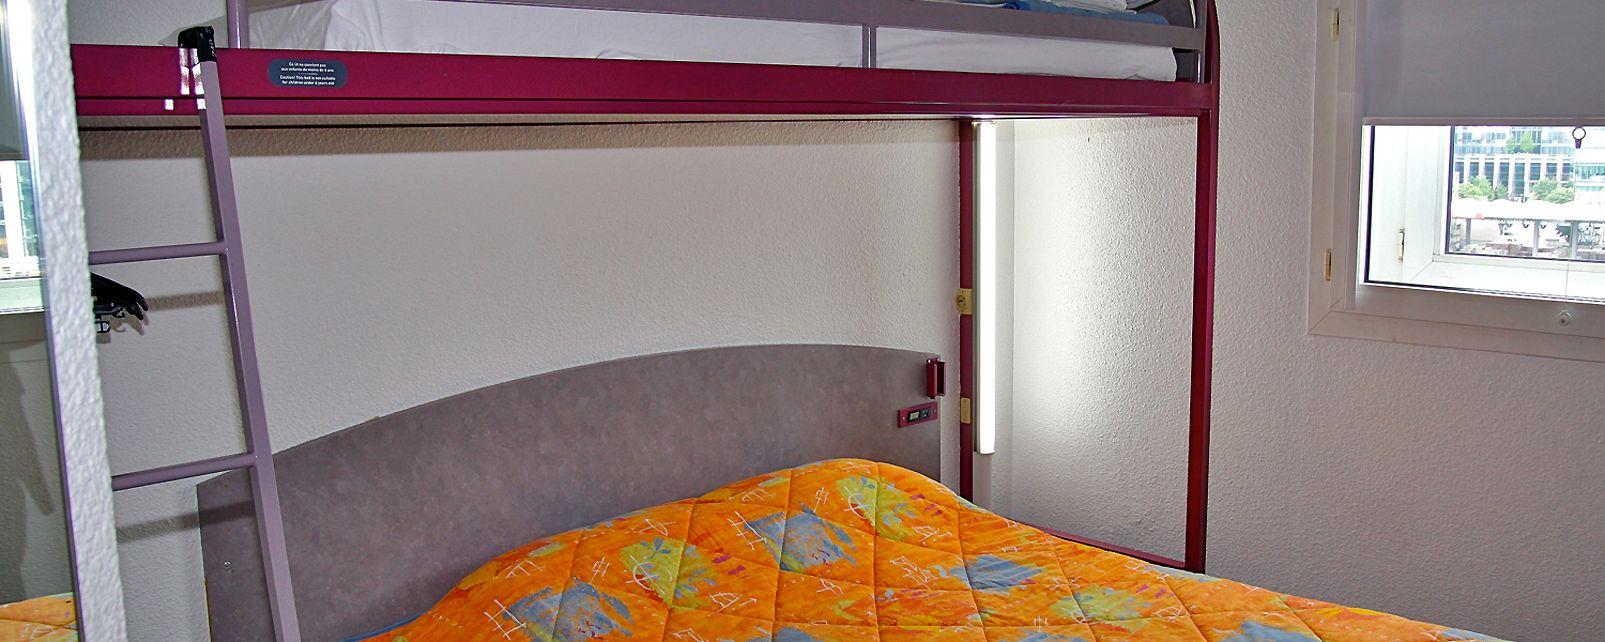 h tel etap paris porte de bercy charenton le pont france. Black Bedroom Furniture Sets. Home Design Ideas